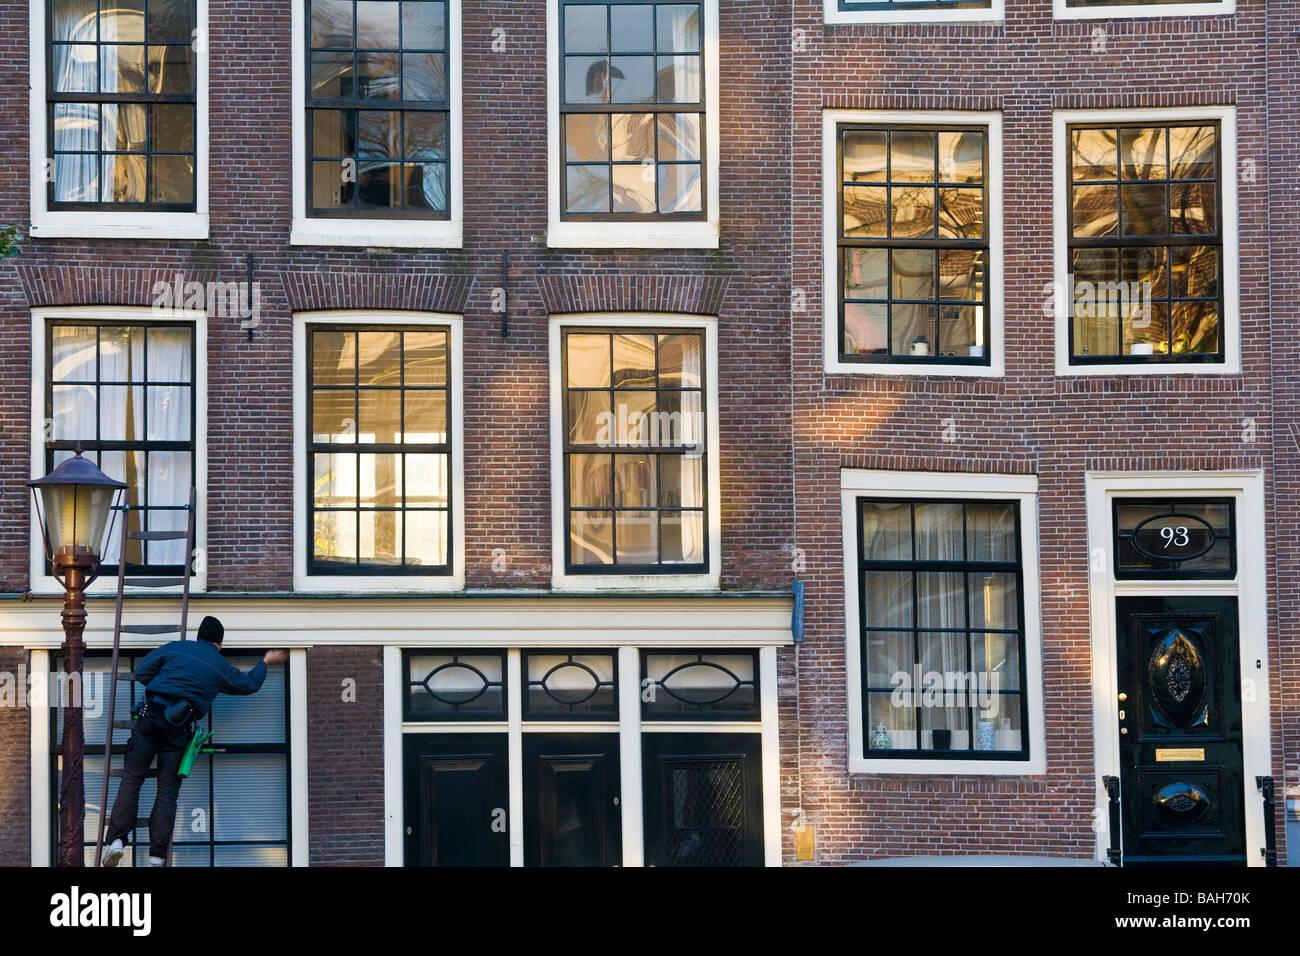 Fenster Reiniger Amsterdam Niederlande Stockfoto Bild 23735619 Alamy